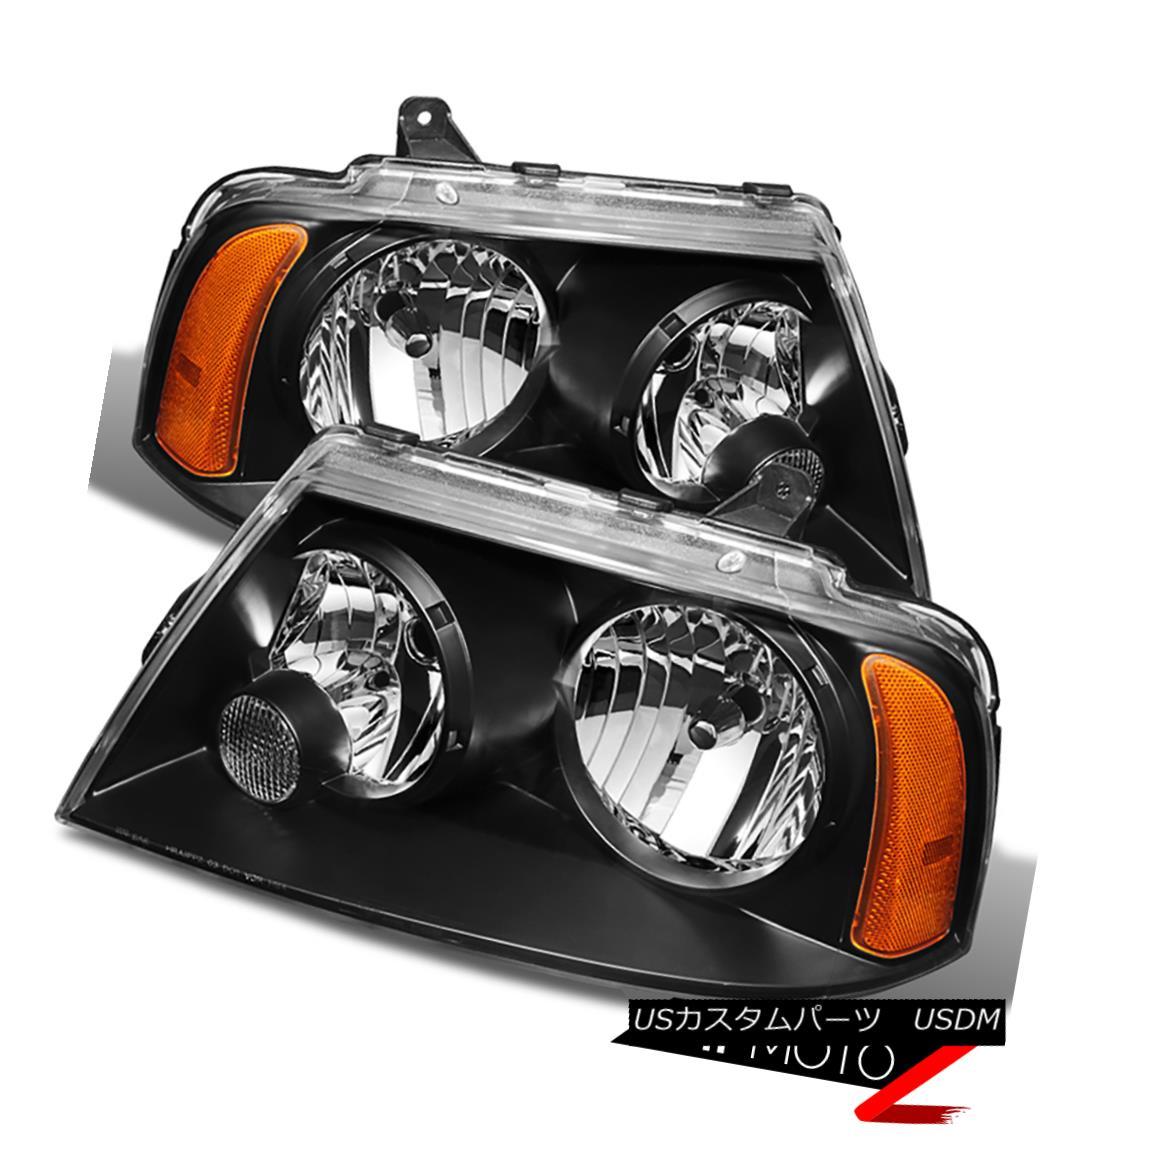 ヘッドライト 2003-2006 Lincoln Navigator Base Ultimate Black Front Headlights Assembly Pair 2003-2006リンカーンナビゲーターベース究極のブラックフロントヘッドライト組立ペア